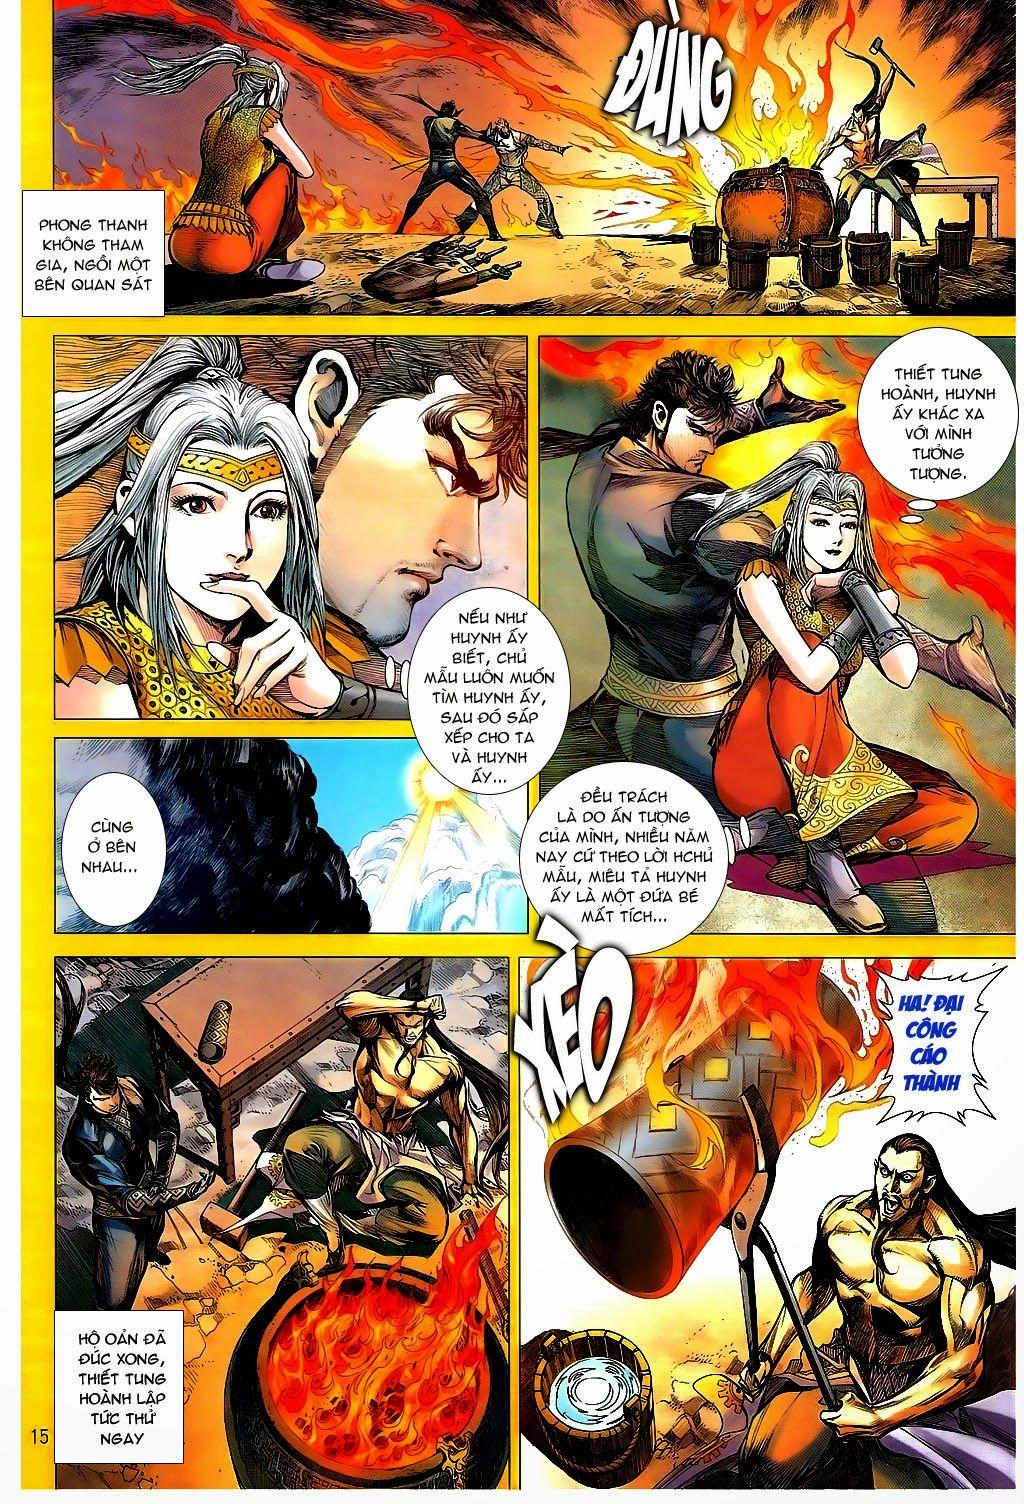 truyện tranh thiết tướng tung hoành Chapter 94/